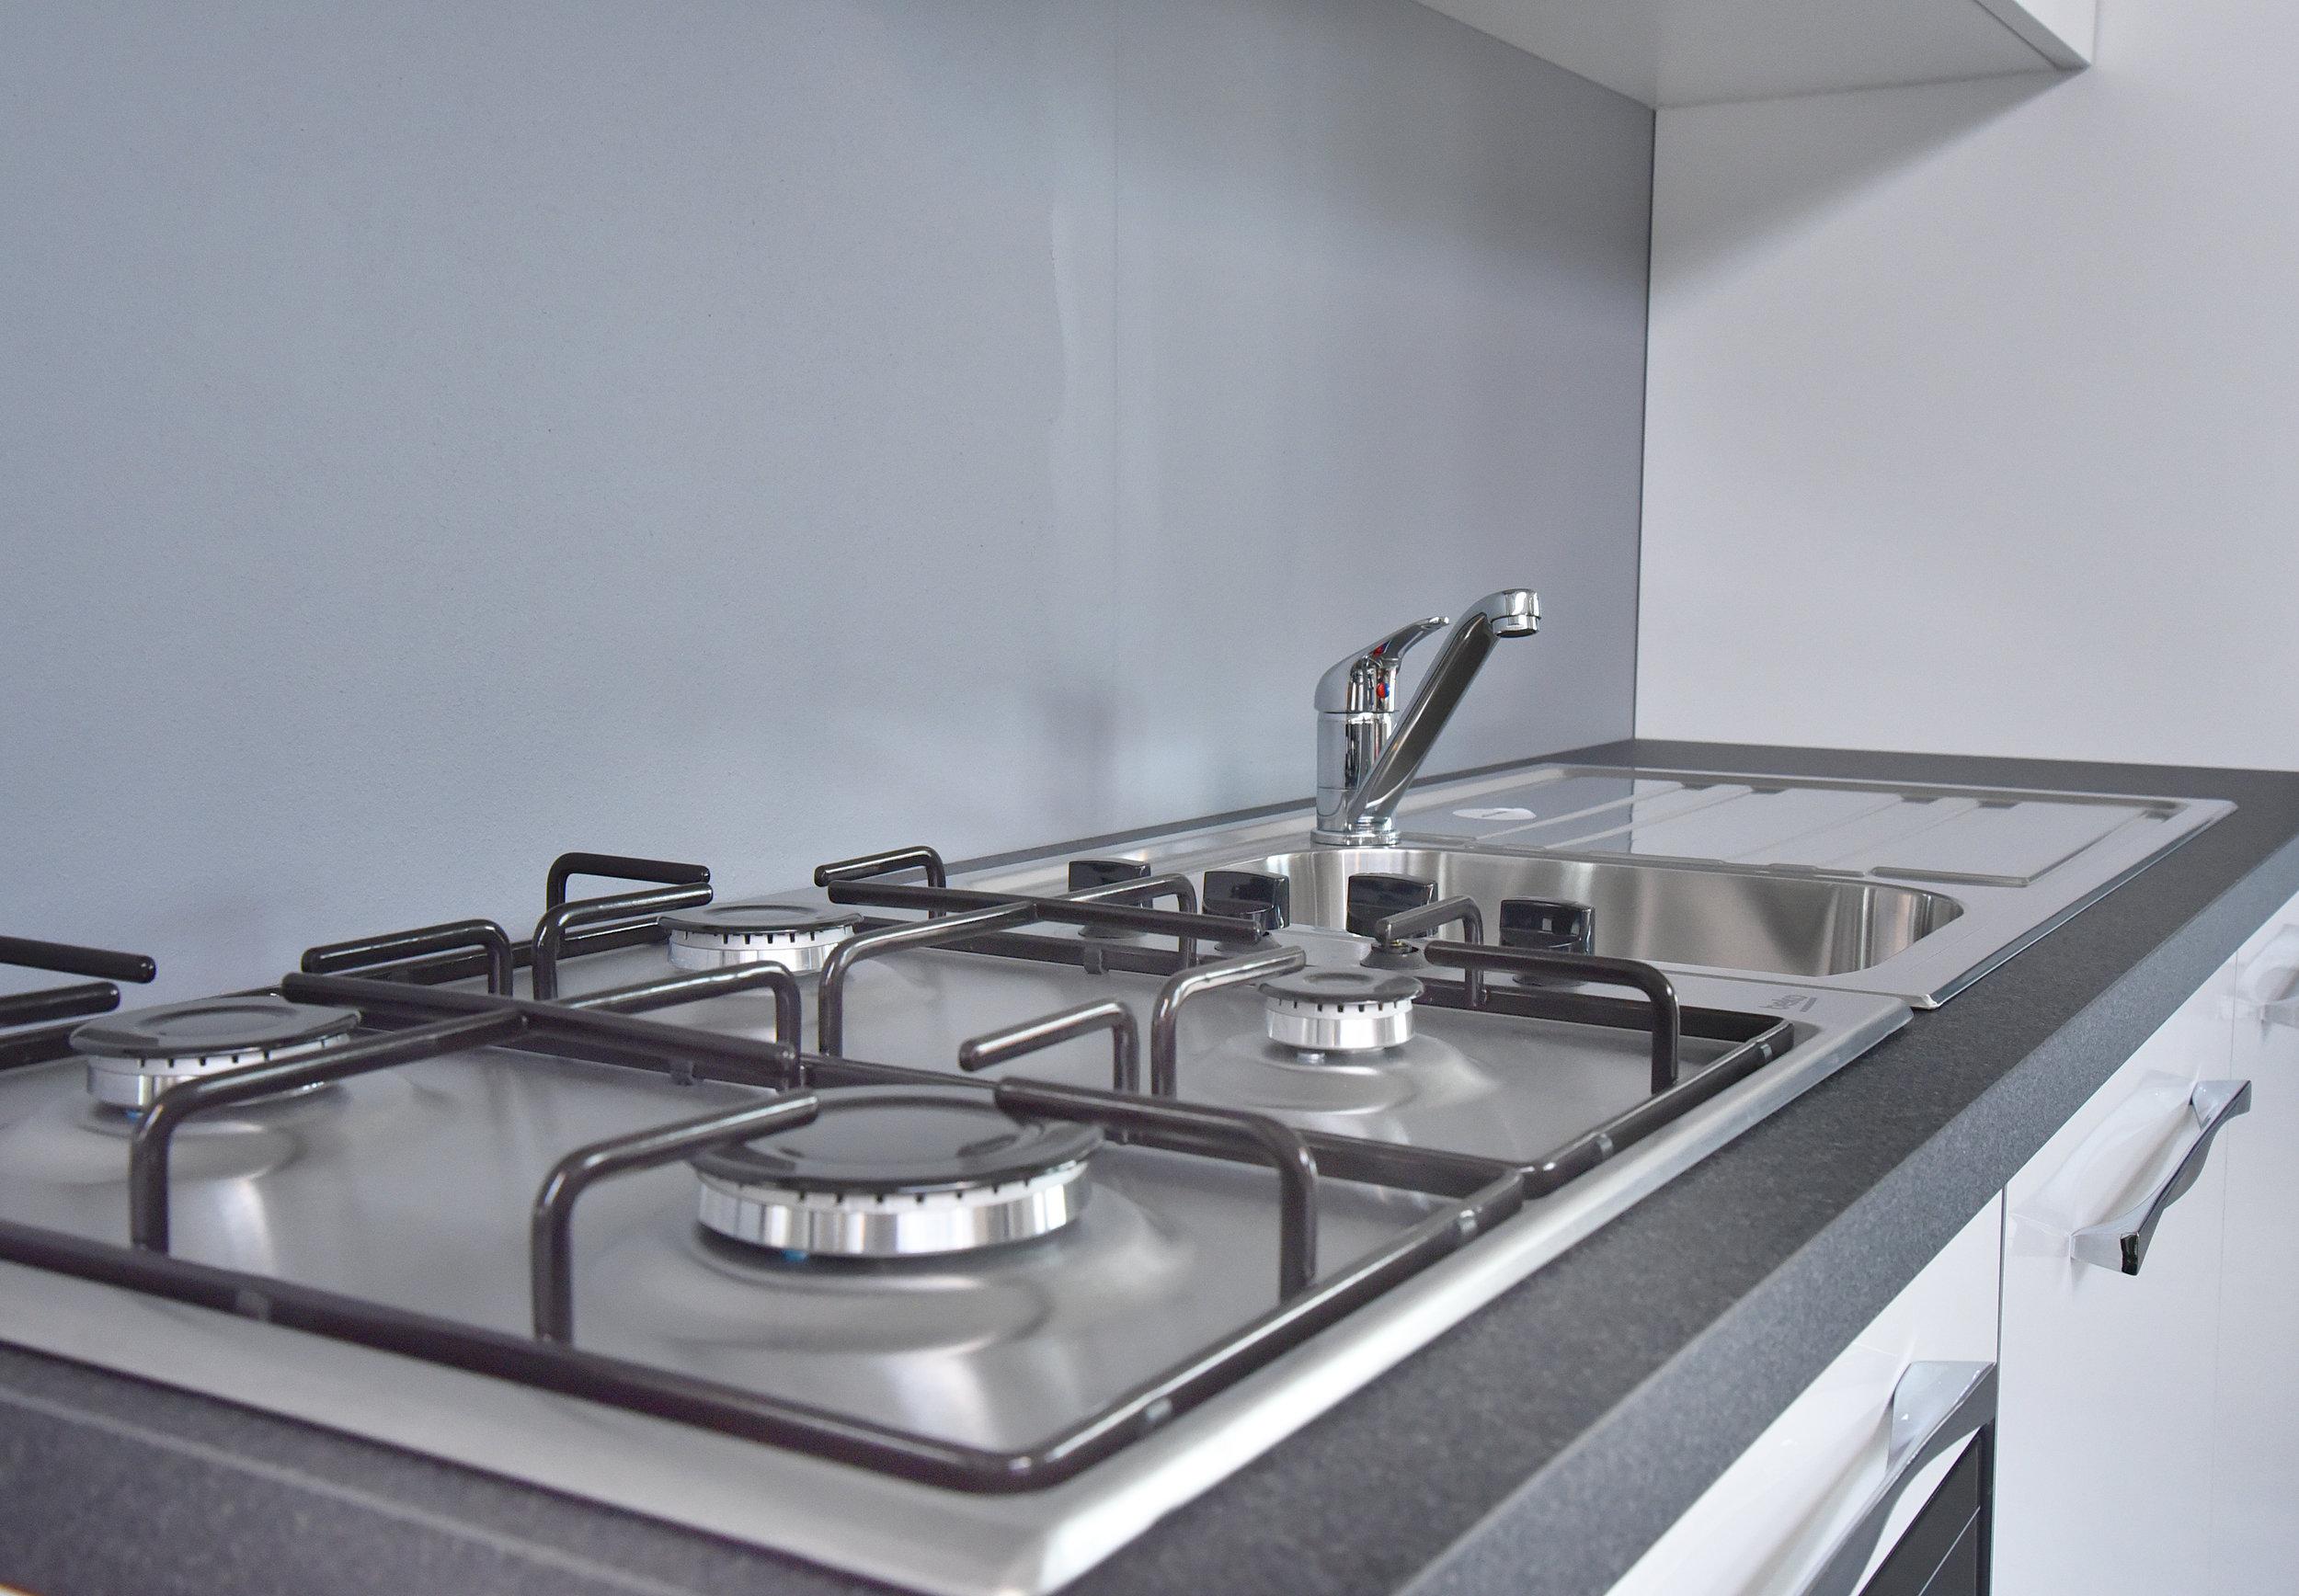 cucina 05 - 02.jpg